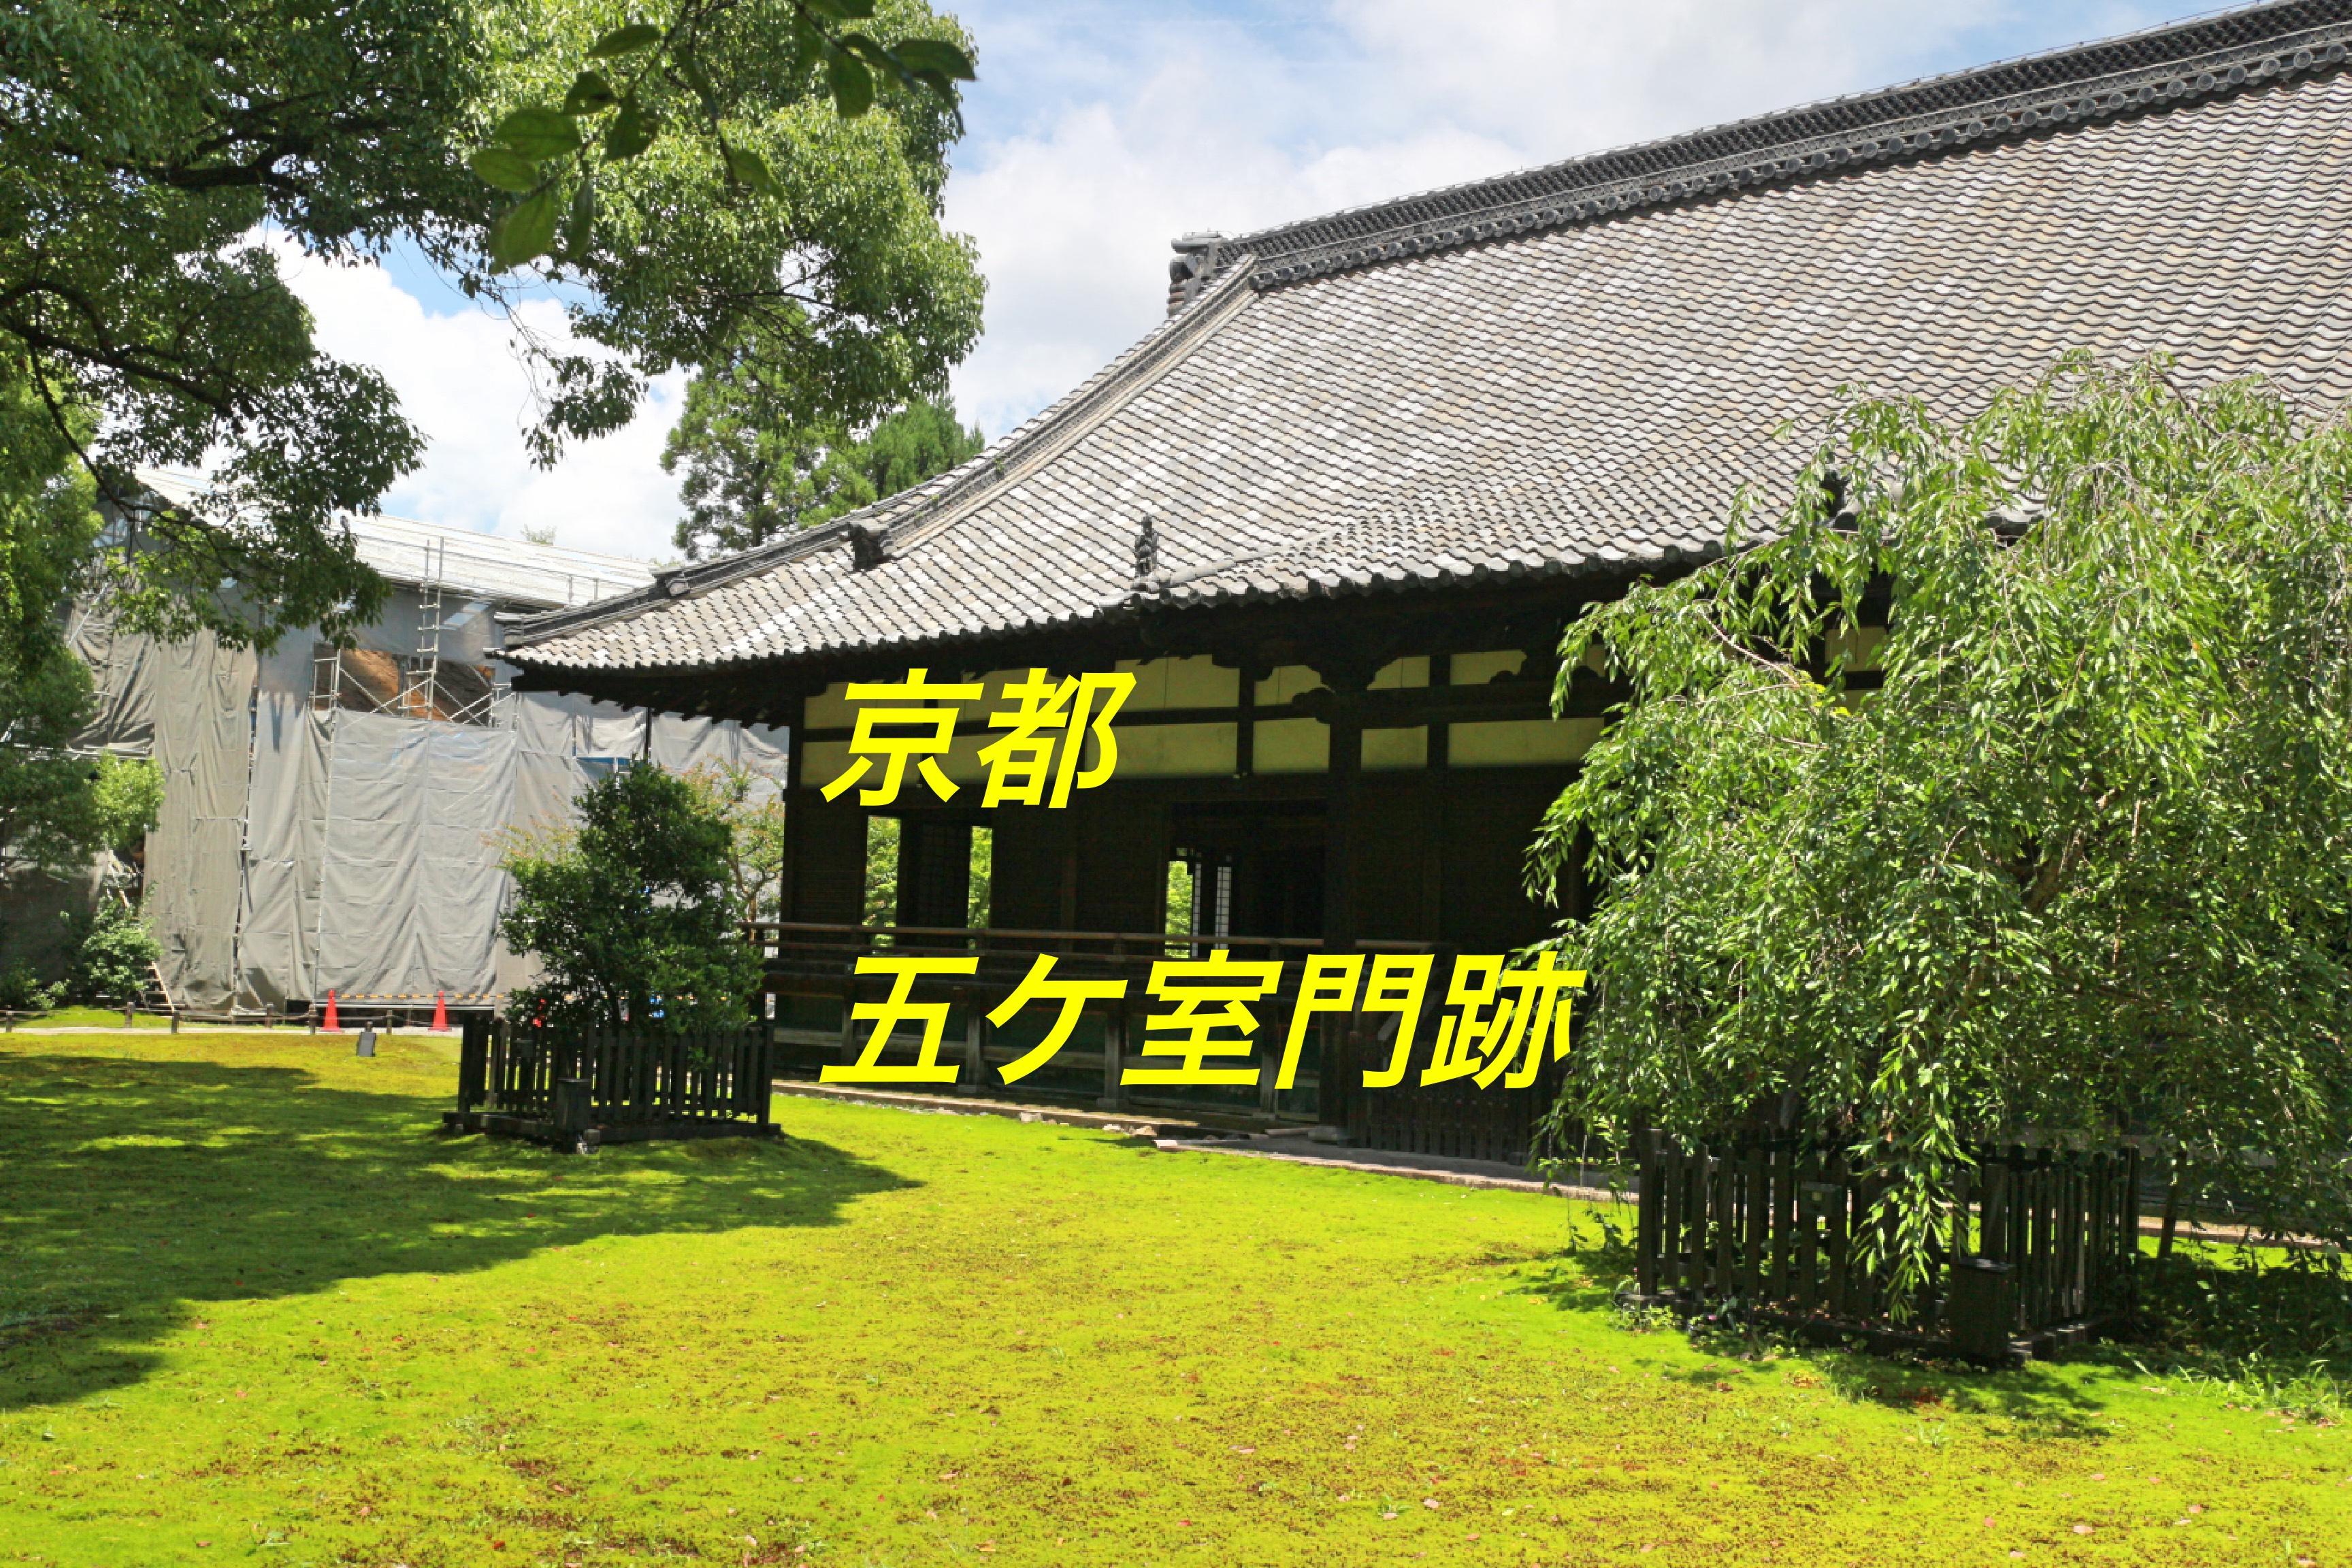 天台宗五ケ室門跡とは!?京都の格式高い寺院でご利益を頂く